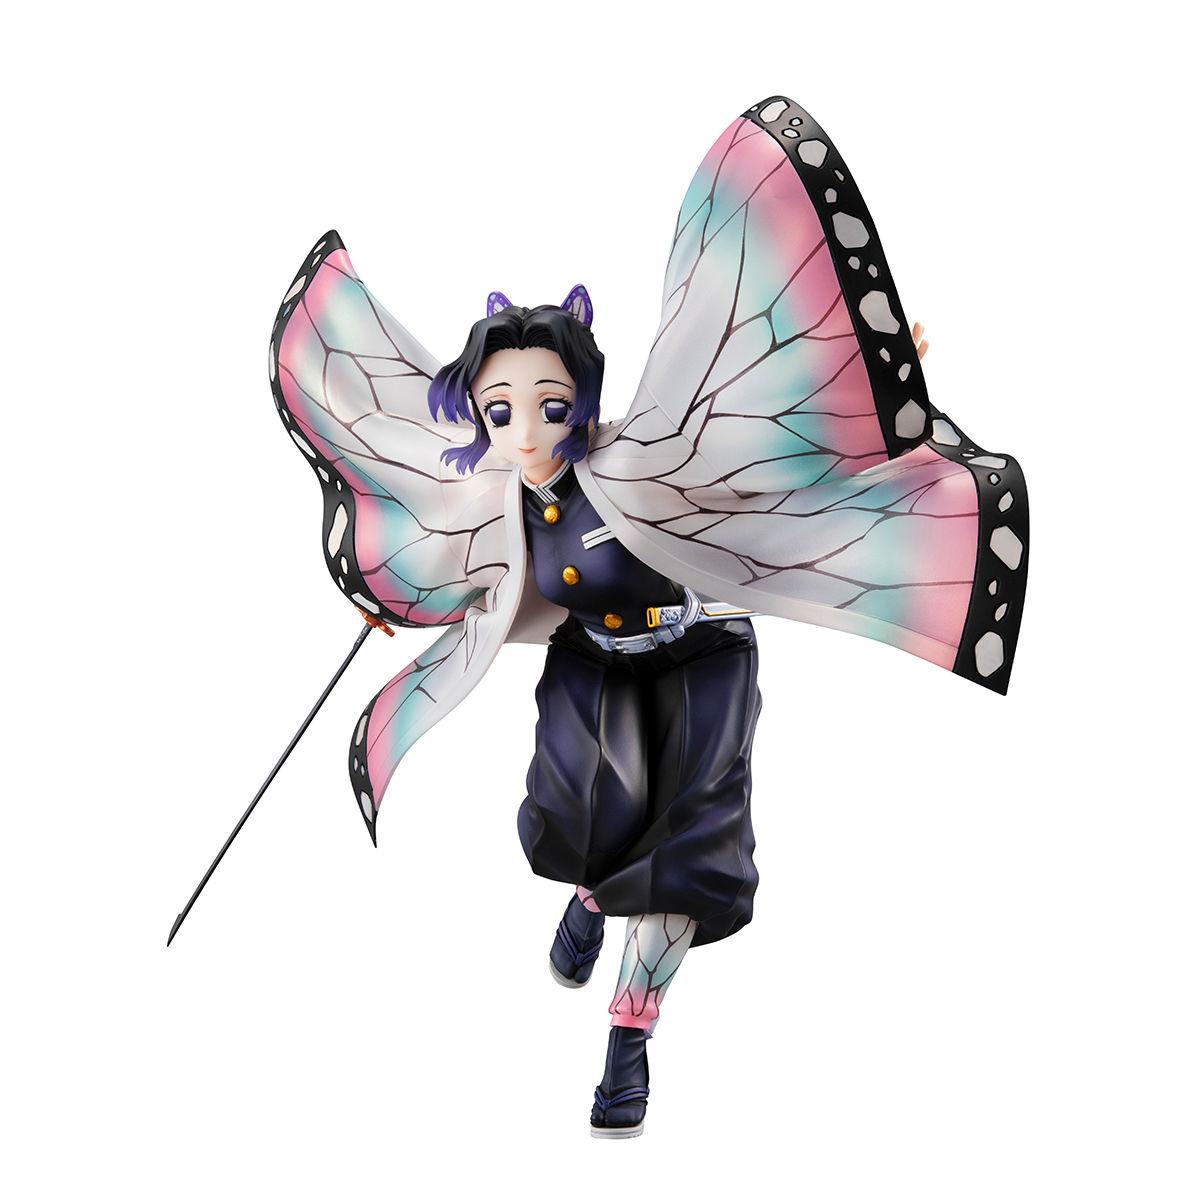 【限定販売】ギャルズシリーズ『胡蝶しのぶ(こちょう しのぶ)』鬼滅の刃 完成品フィギュア-002